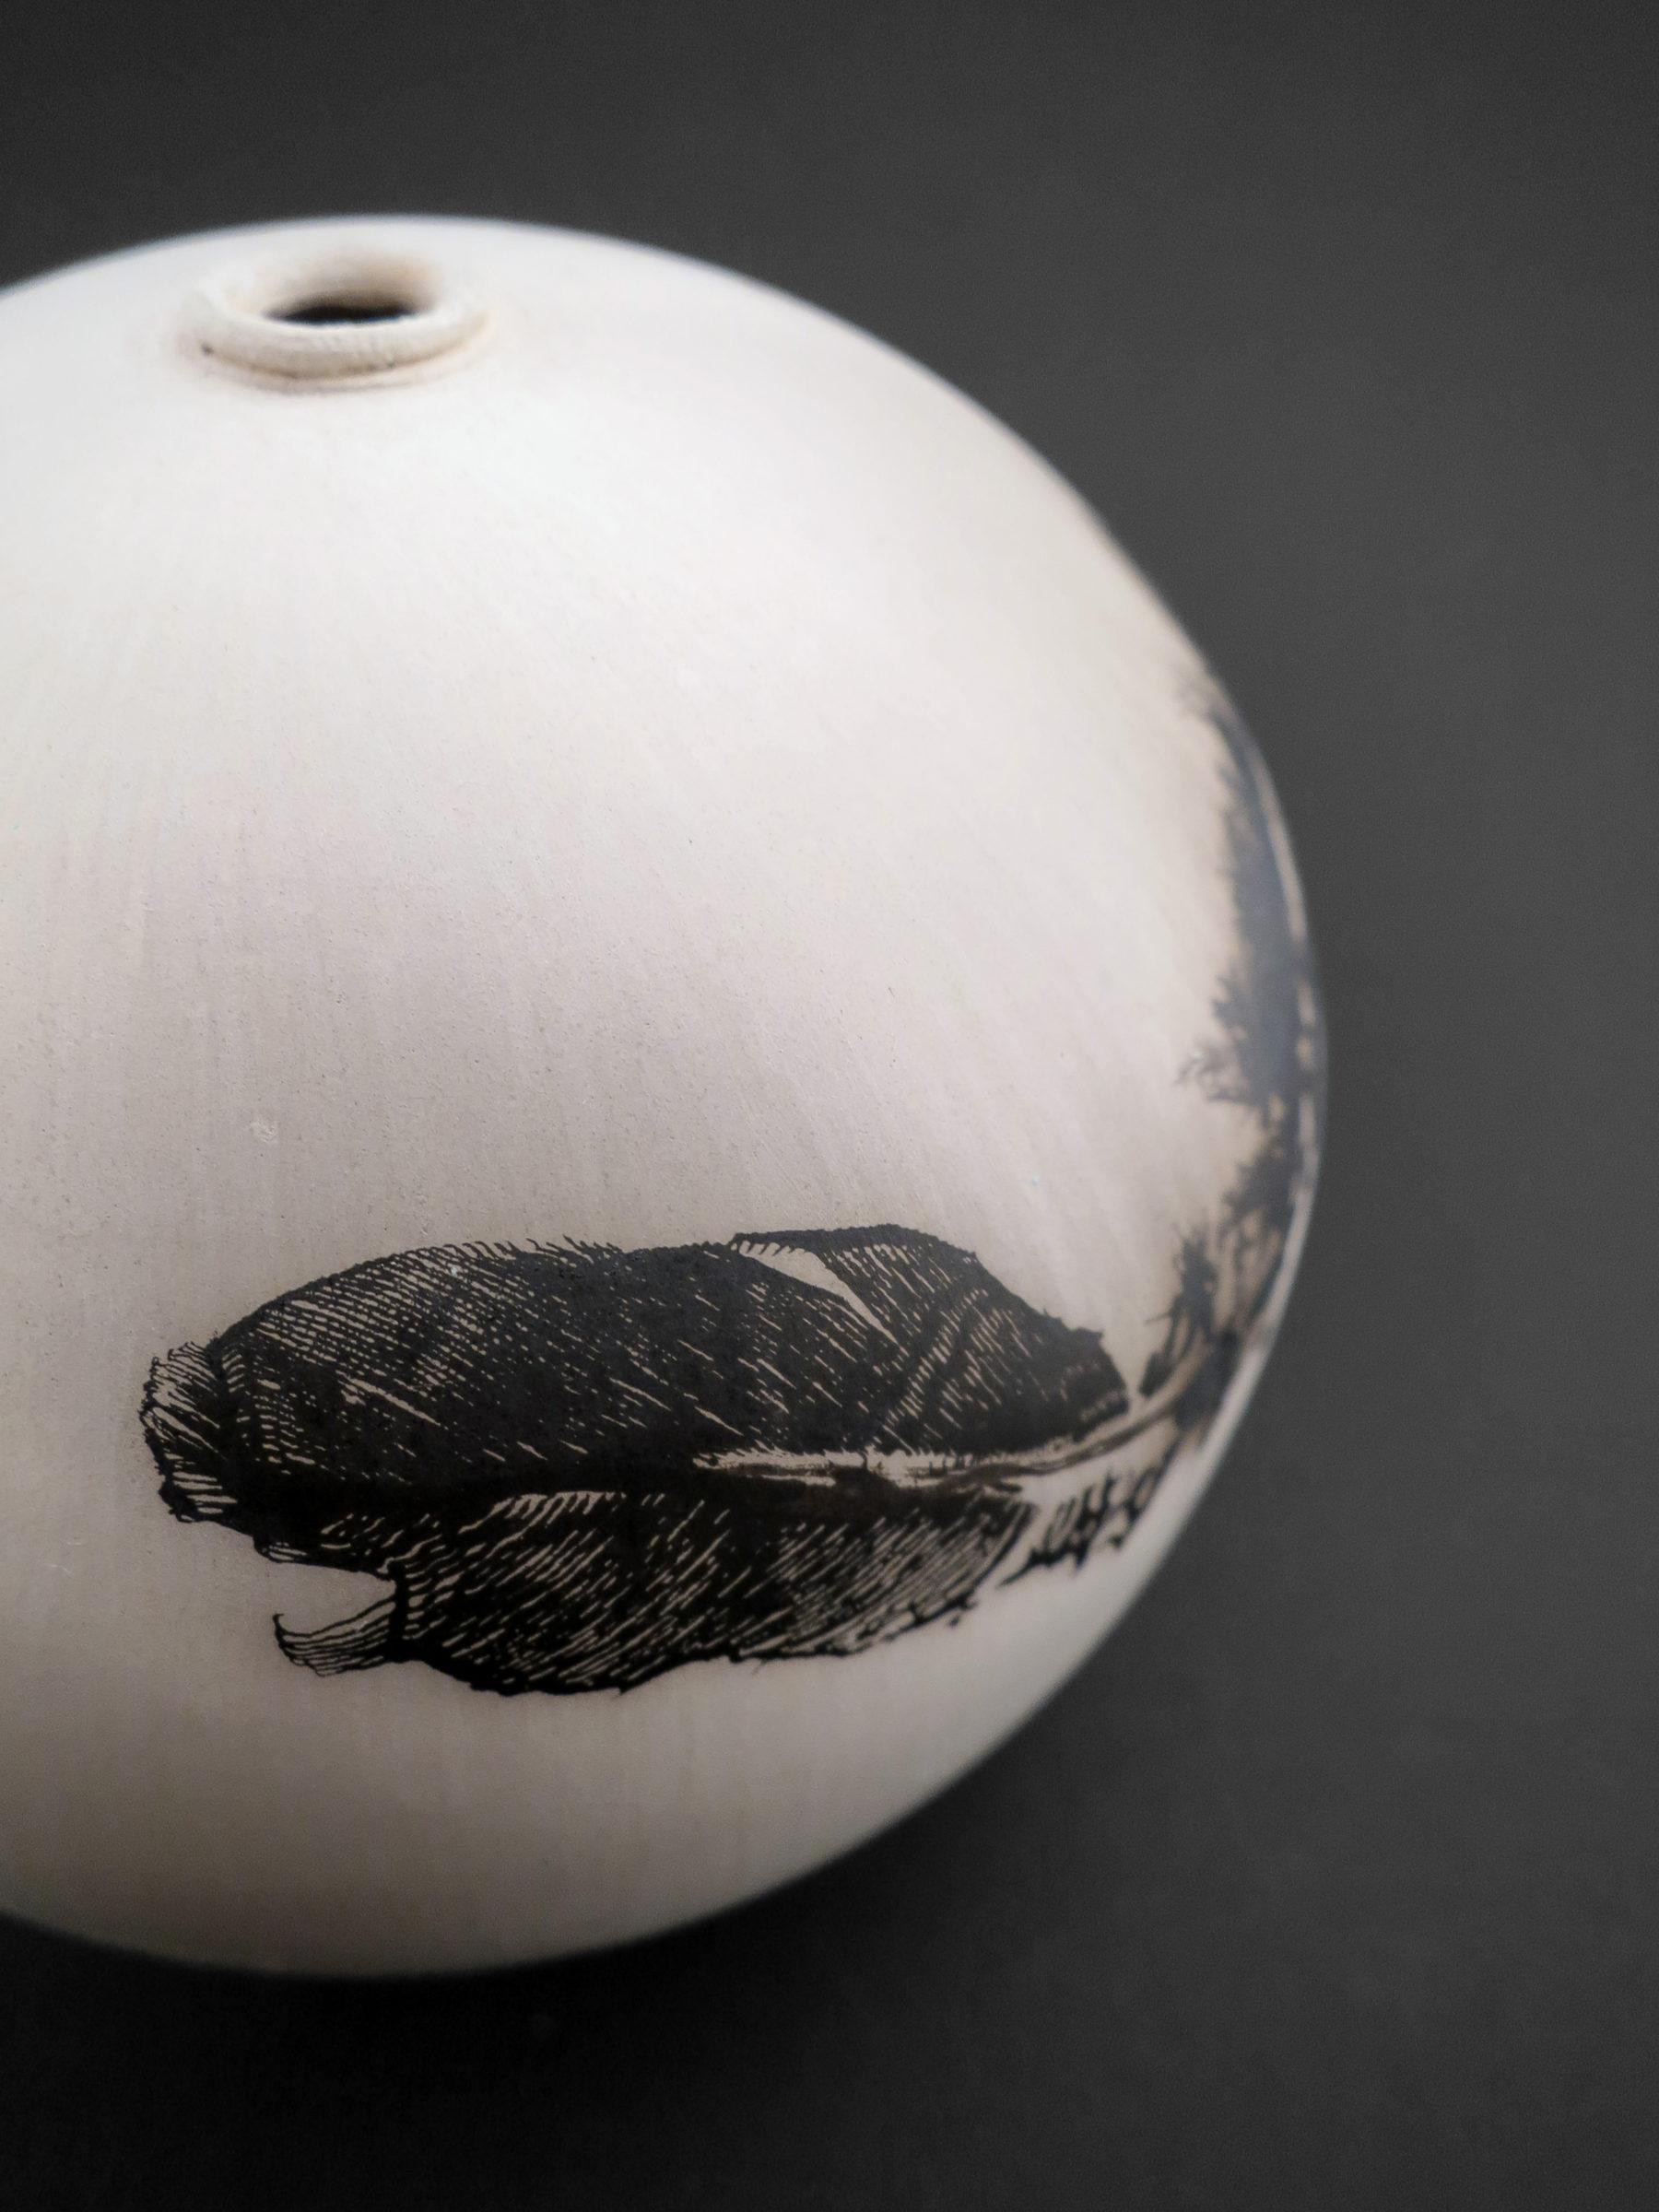 Simple is Beautiful: Whispering Globe - Ildikó Károlyi